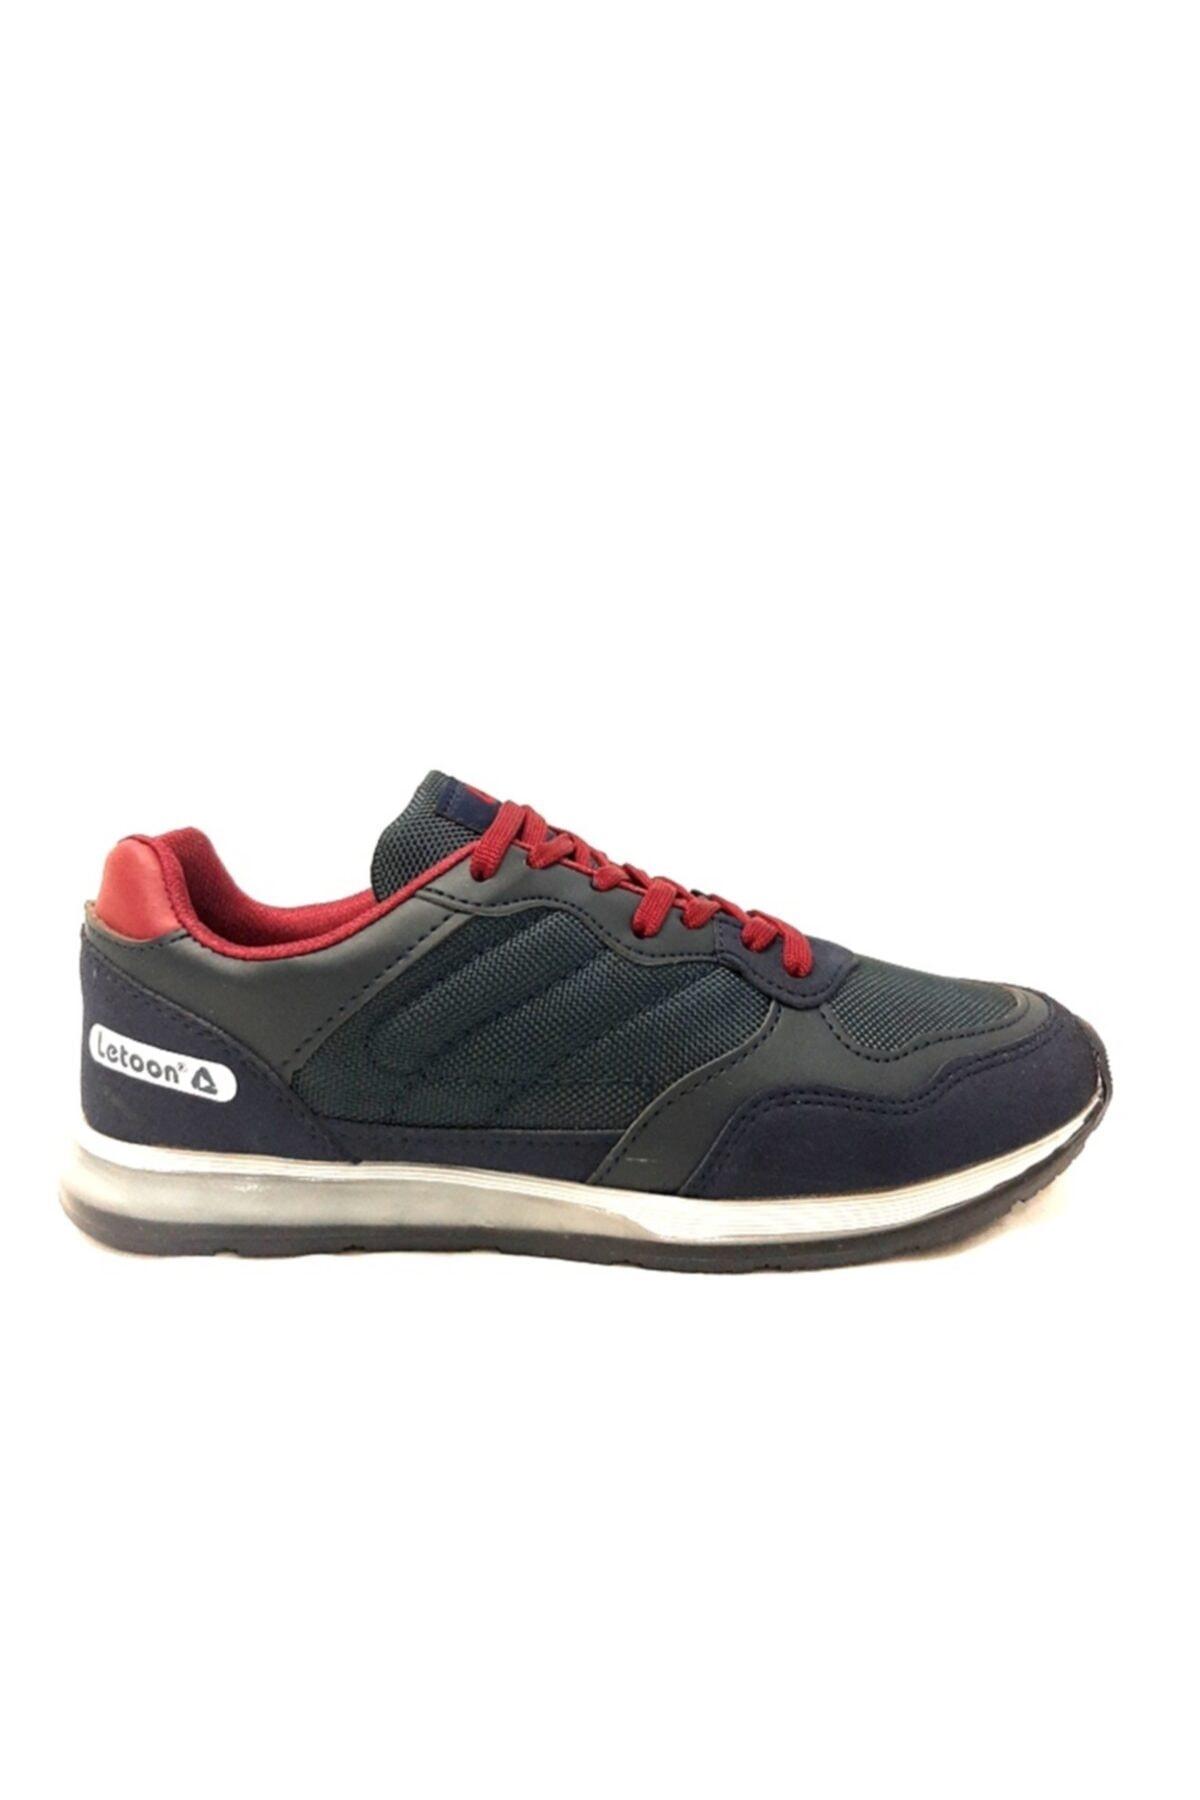 LETOON Jel Taban Lacivert Erkek Spor Ayakkabı 1